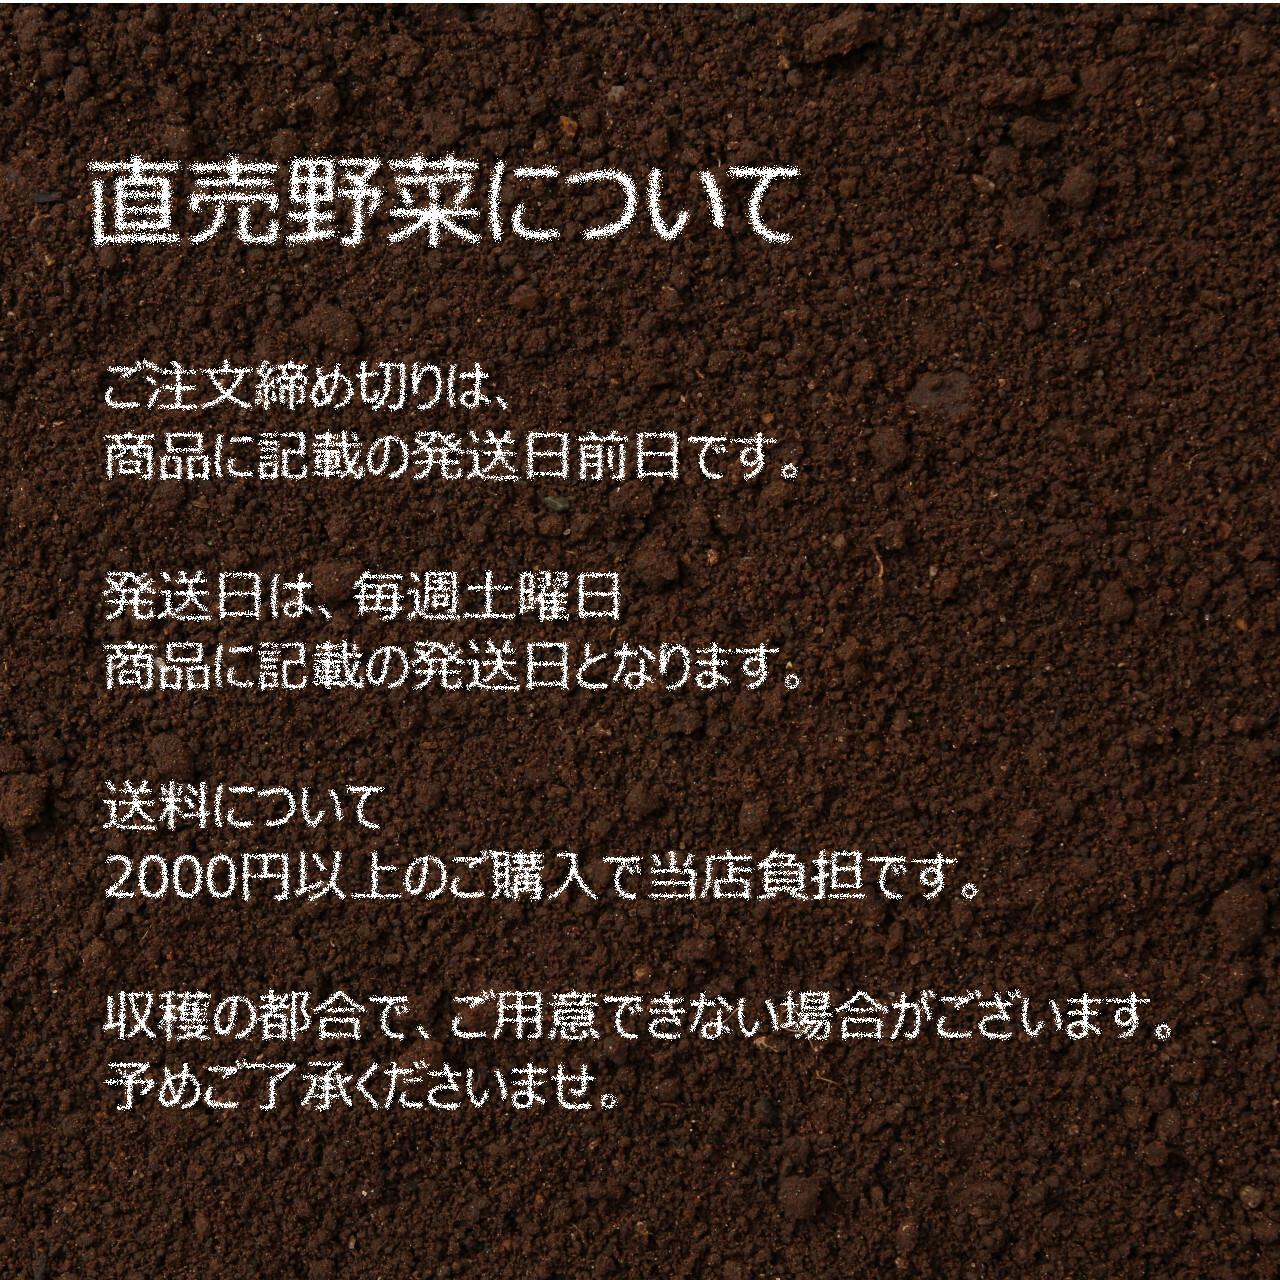 9月の朝採り直売野菜 : ネギ 3~4本 新鮮な秋野菜 9月28日発送予定